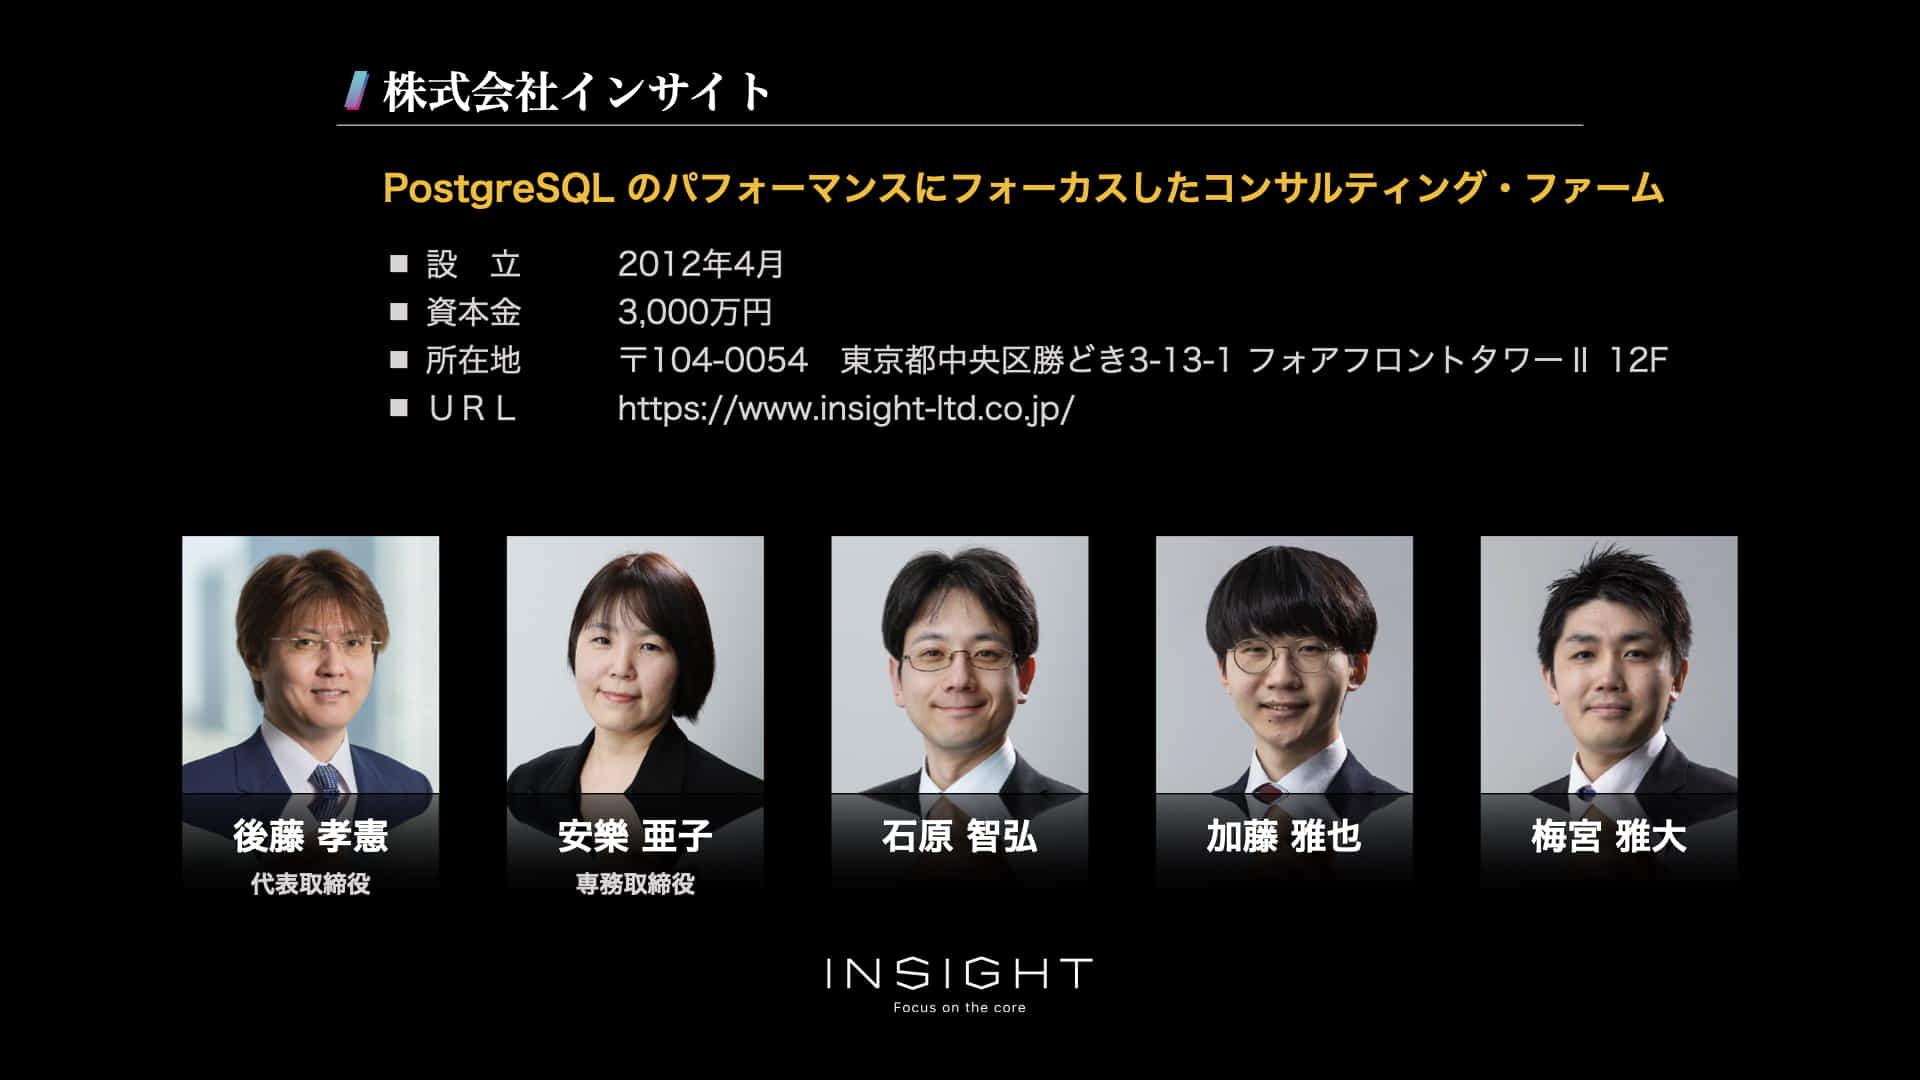 会社 サイト 株式 イン